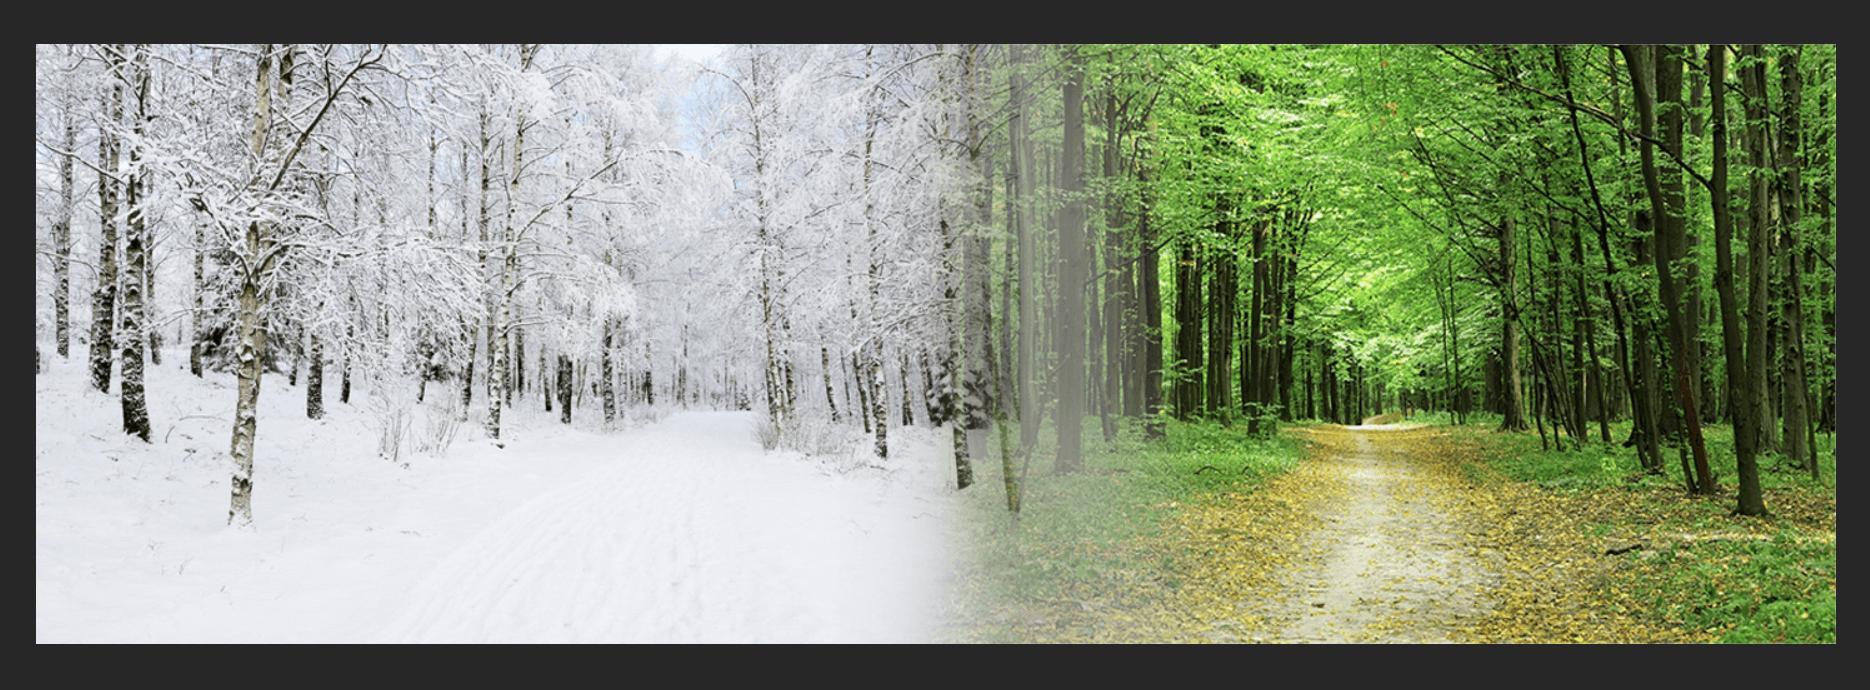 วิธีการเชื่อมต่อภาพถ่ายสองภาพในหนึ่งใน Photoshop